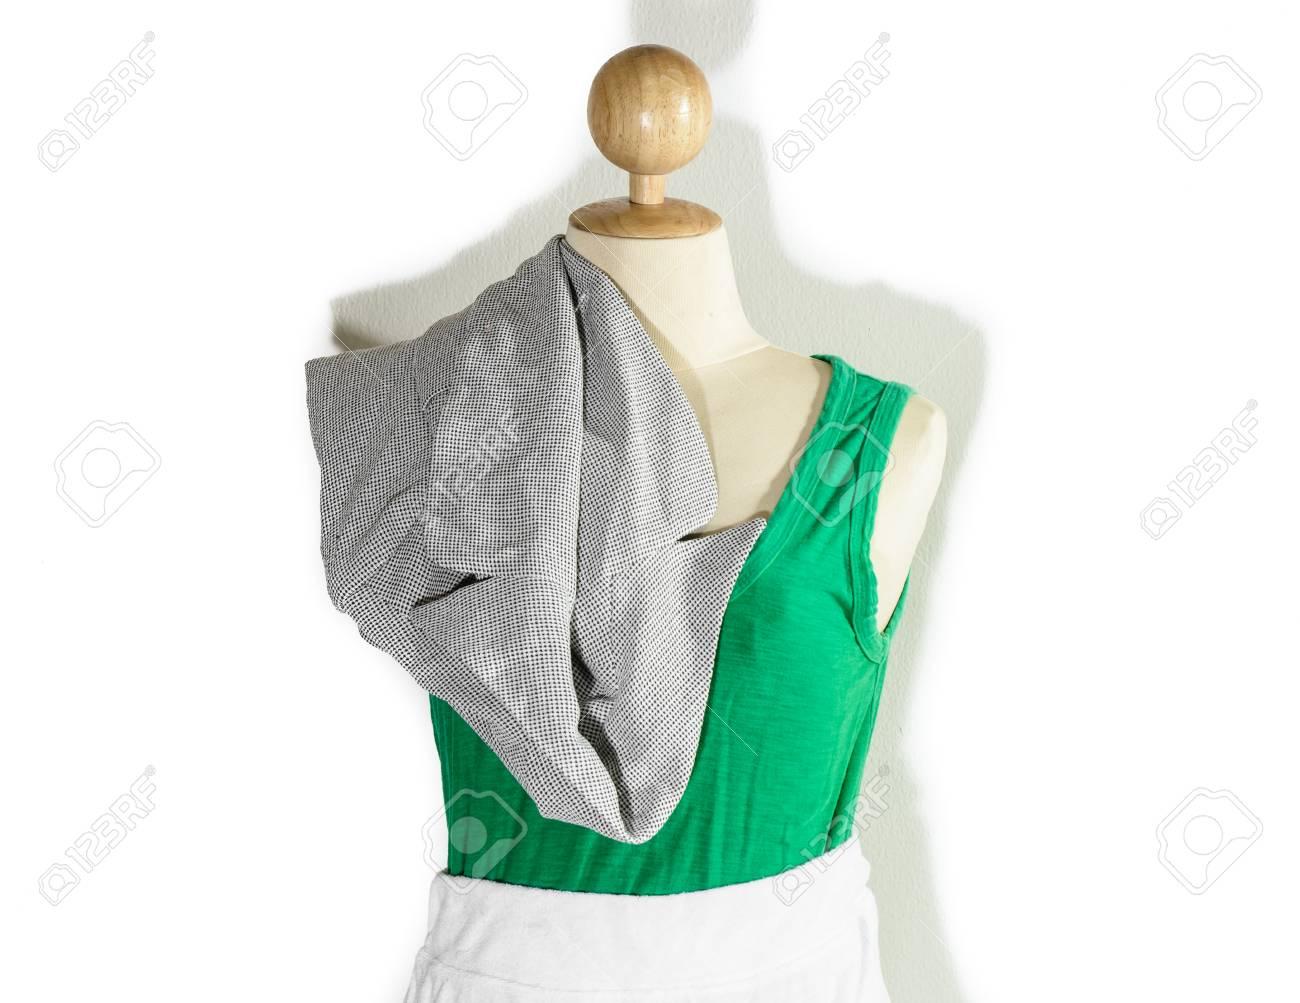 Close up normale oude dame groen vest en witte korte jurk met shirt geïsoleerd op een witte achtergrond